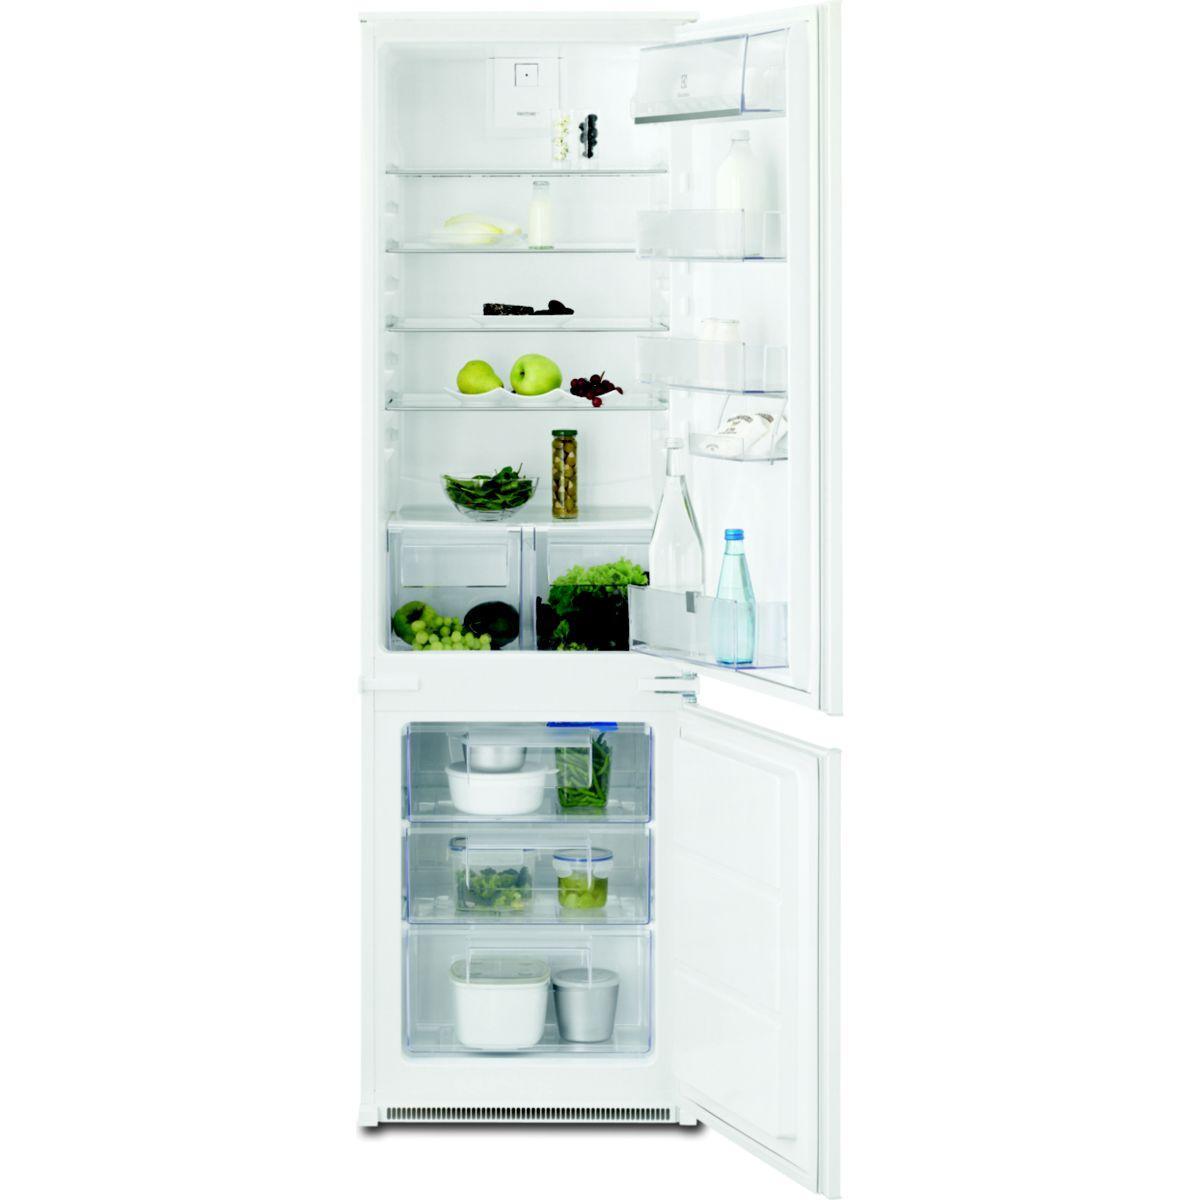 Réfrigérateur intégrable electrolux enn2812bow - 2% de remise immédiate avec le code : cool2 (photo)